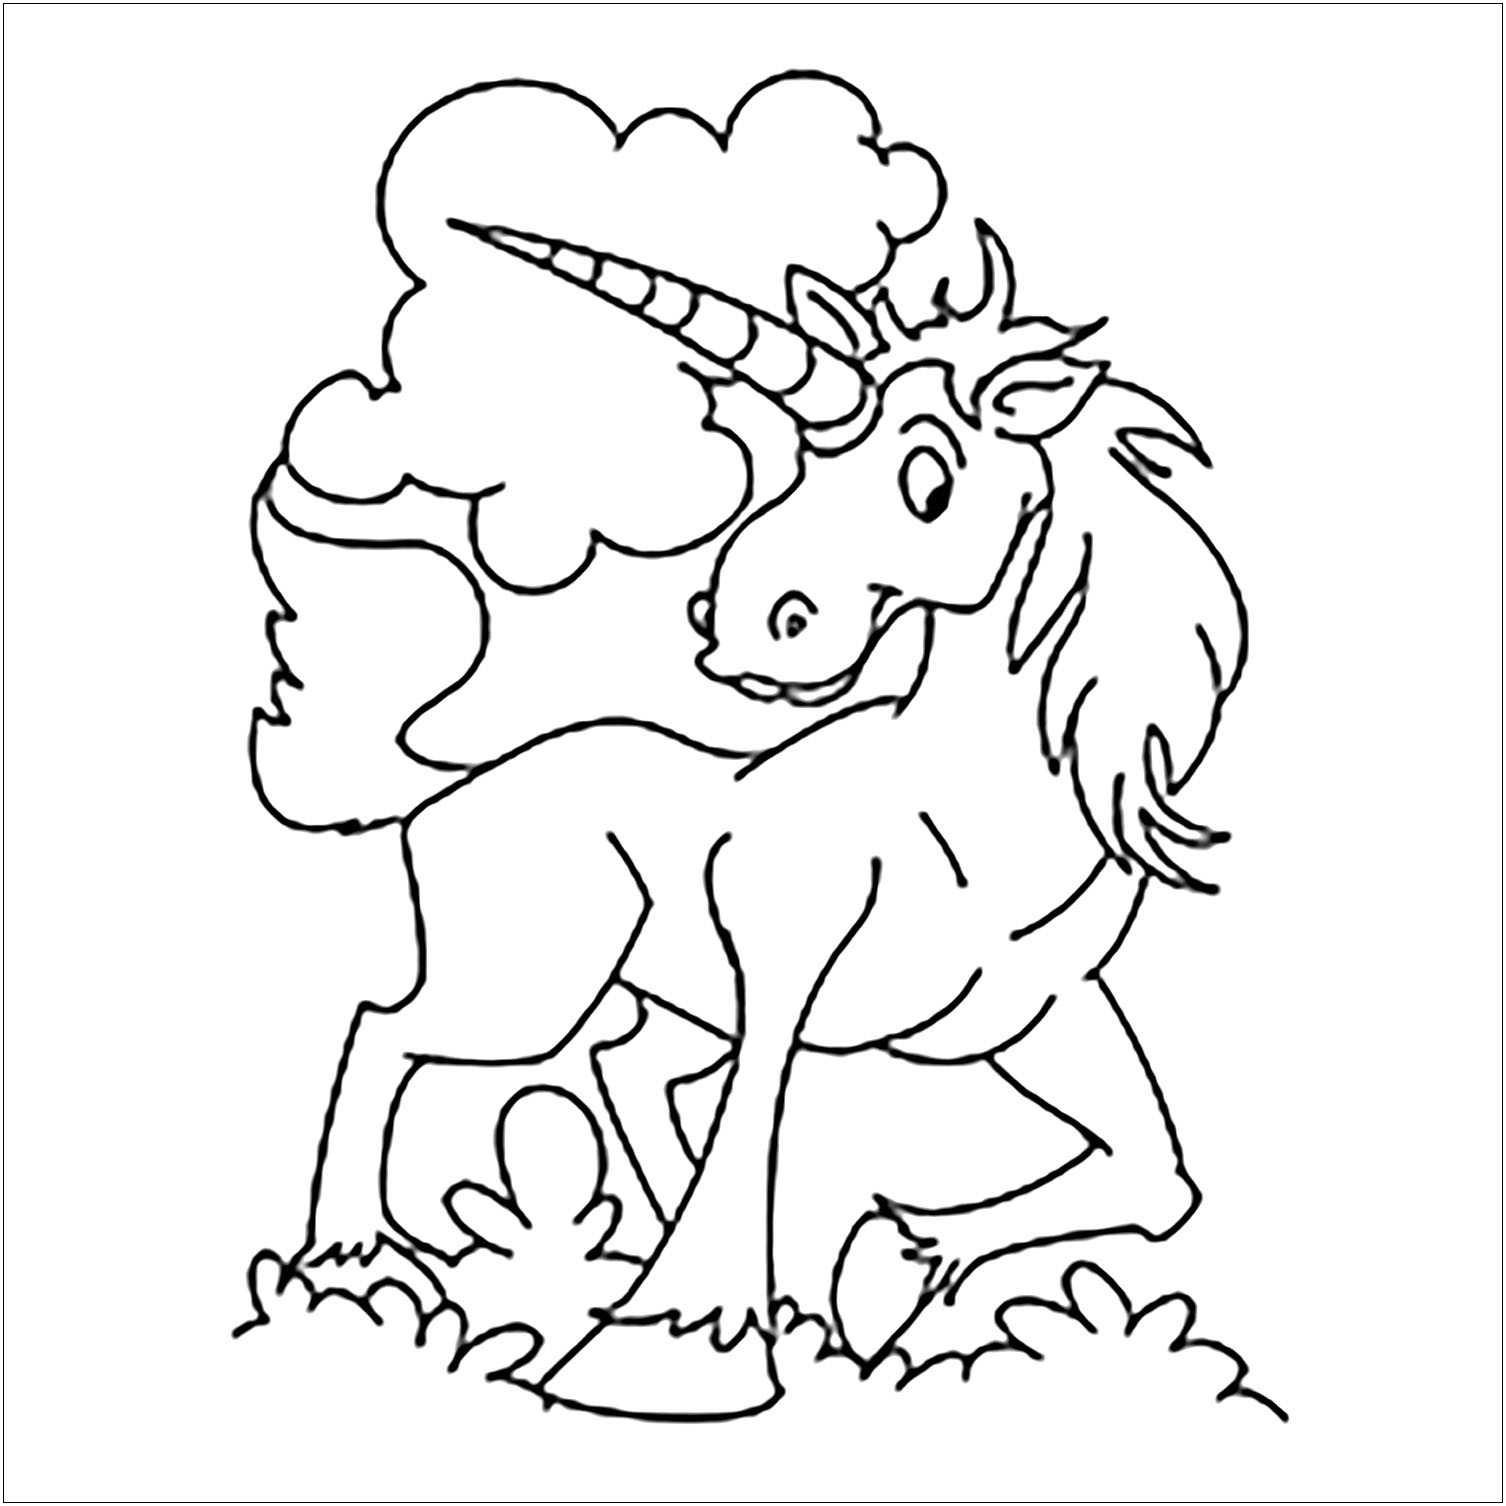 Coloriage de licorne pour enfants - Coloriage de Licornes ...